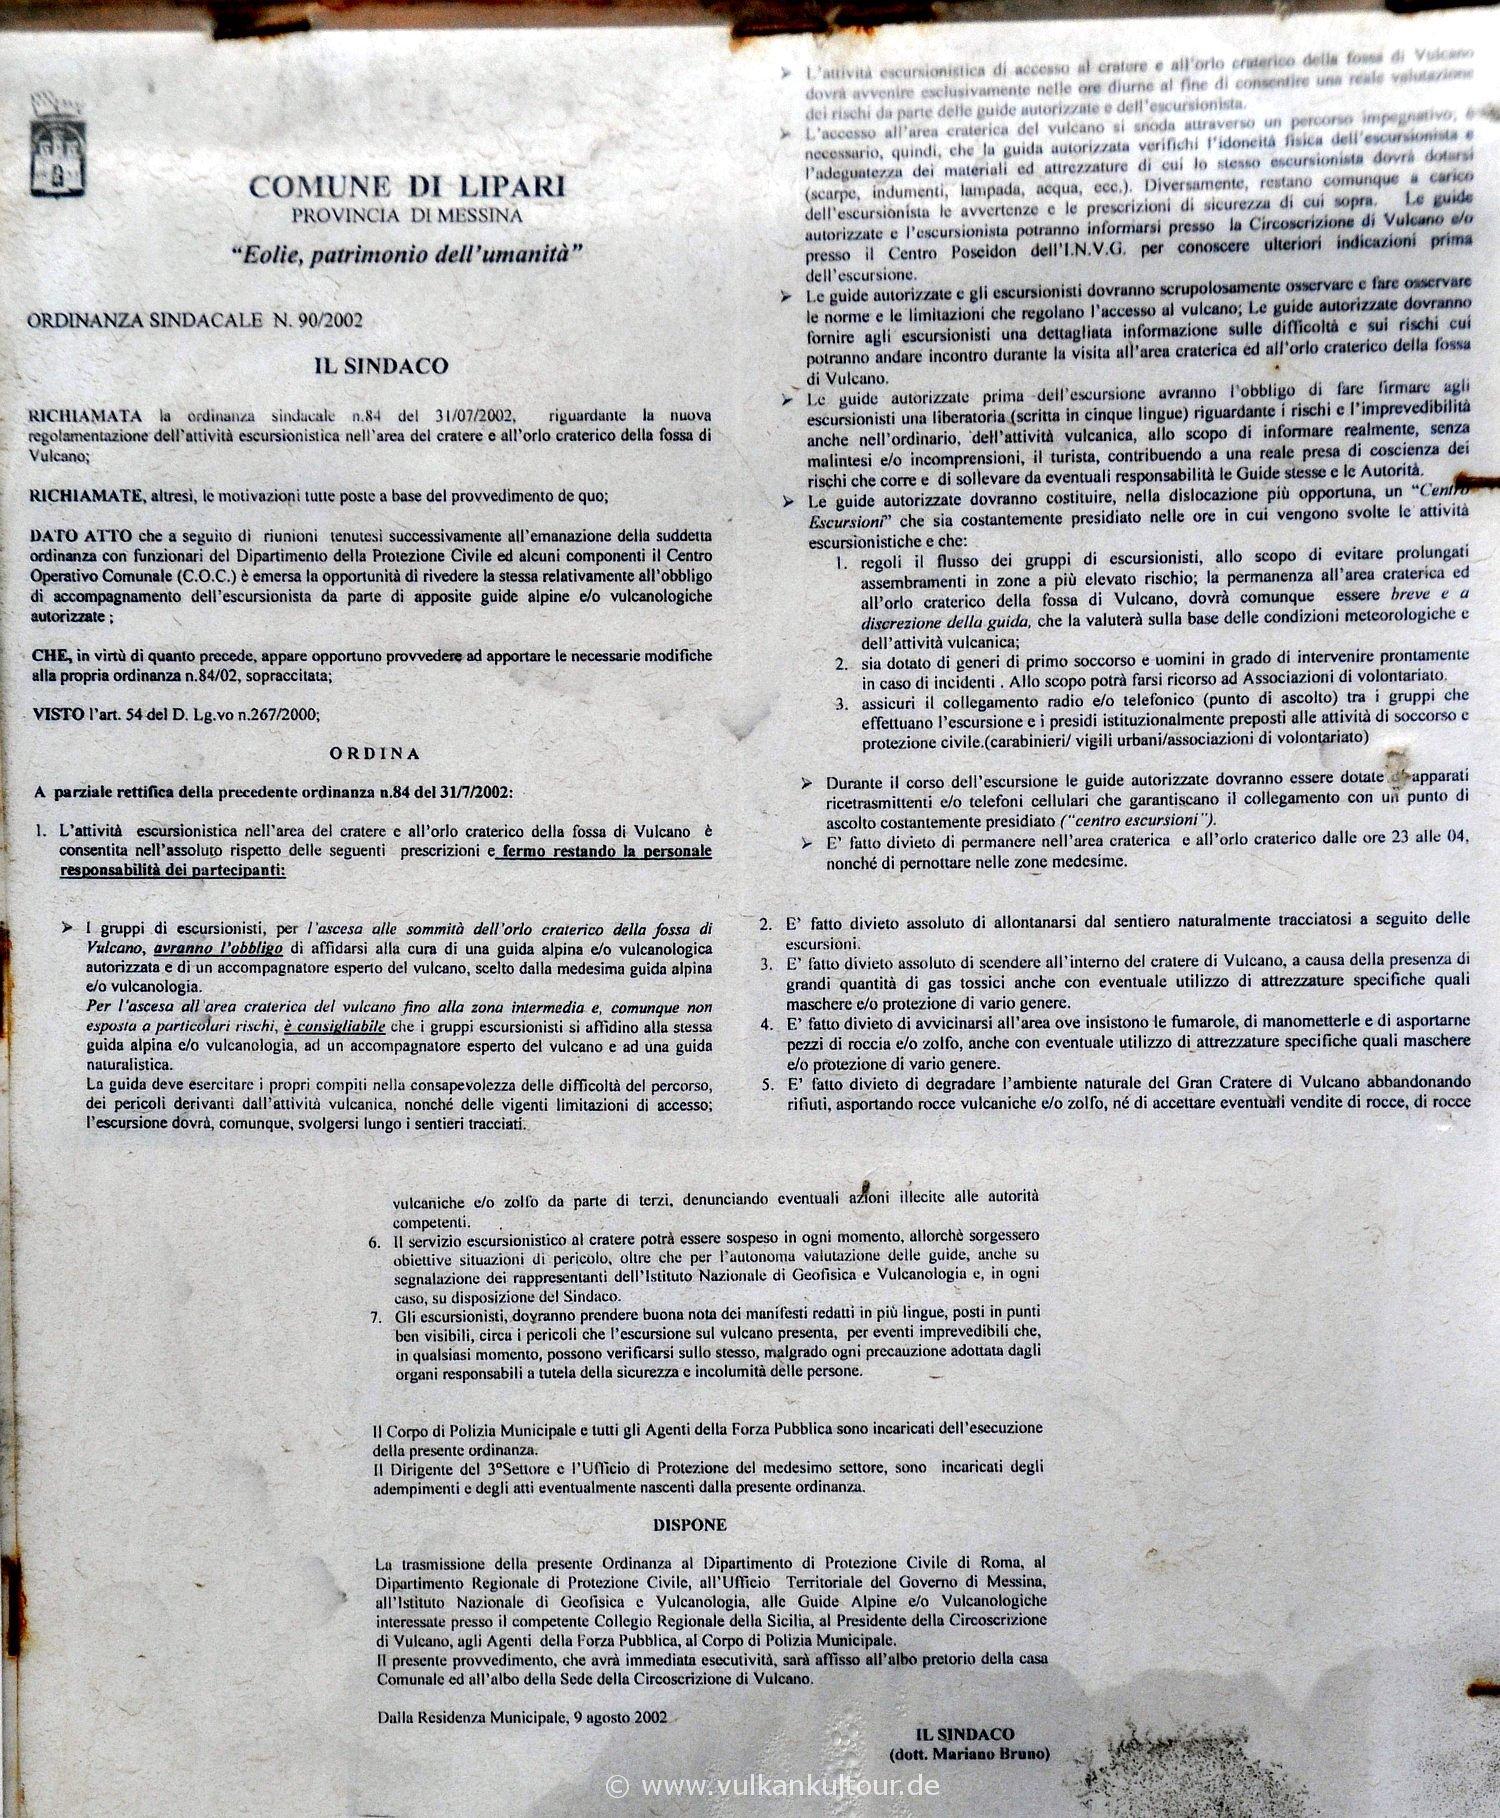 Vulcano Verbotsschild (für höhere Auflösung klicken)